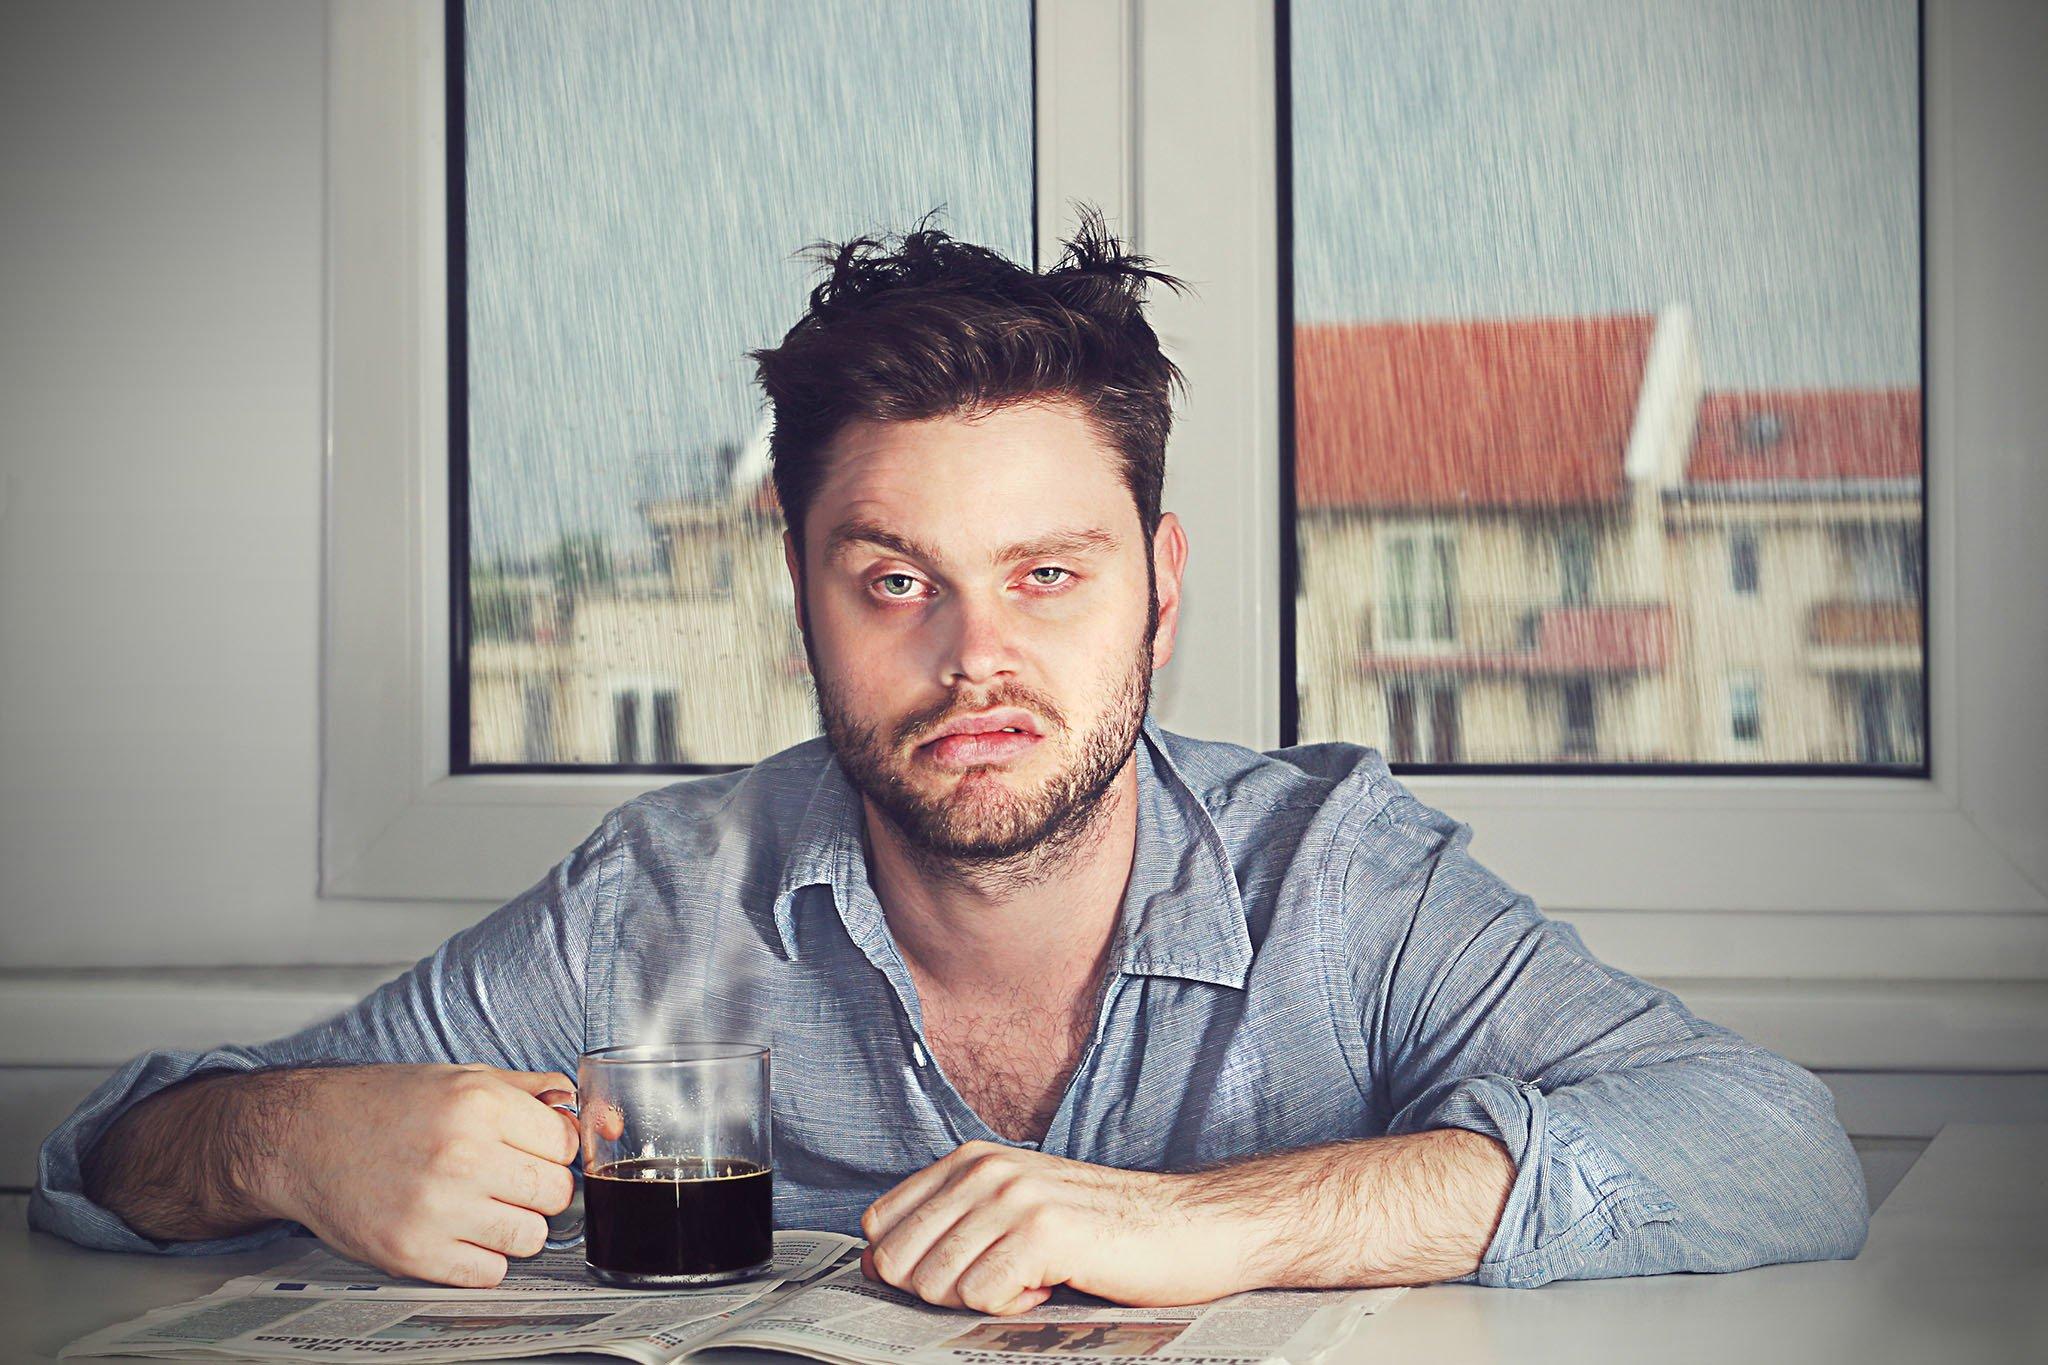 Исследование: предпочитающие ночной образ жизни рискуют умереть раньше